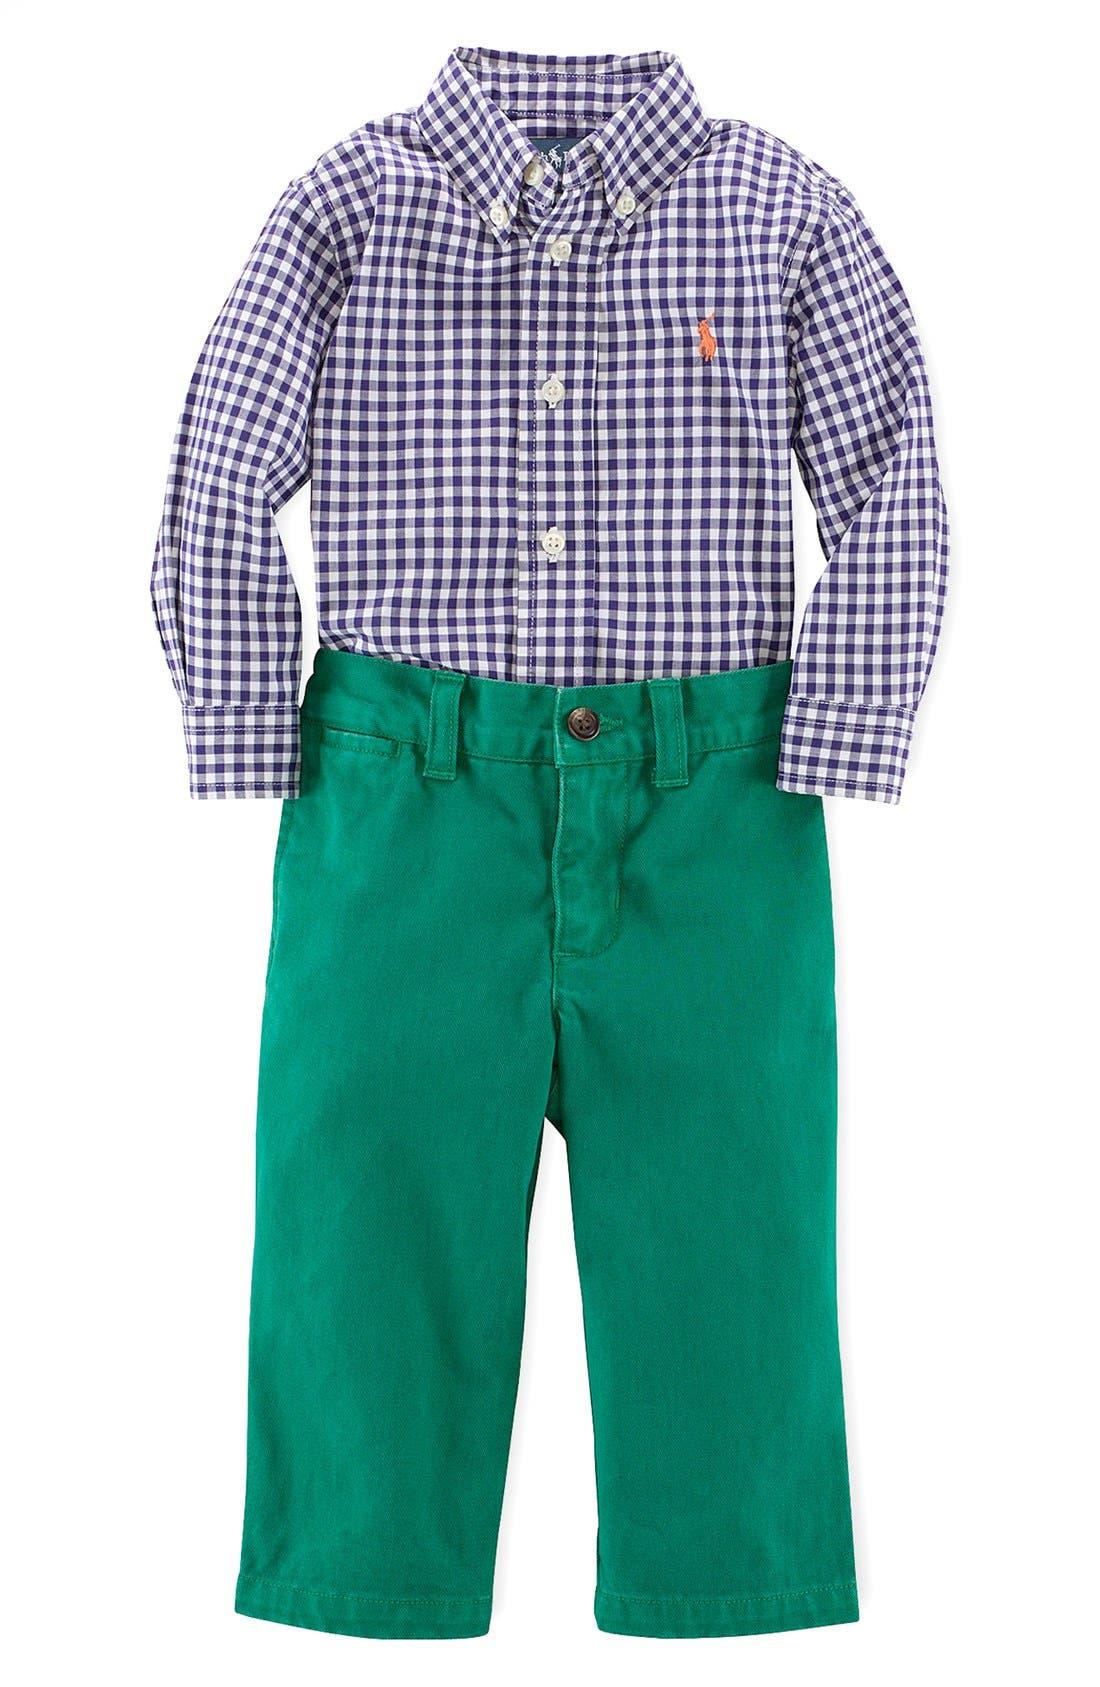 Main Image - Ralph Lauren Shirt & Chinos (Baby Boys)